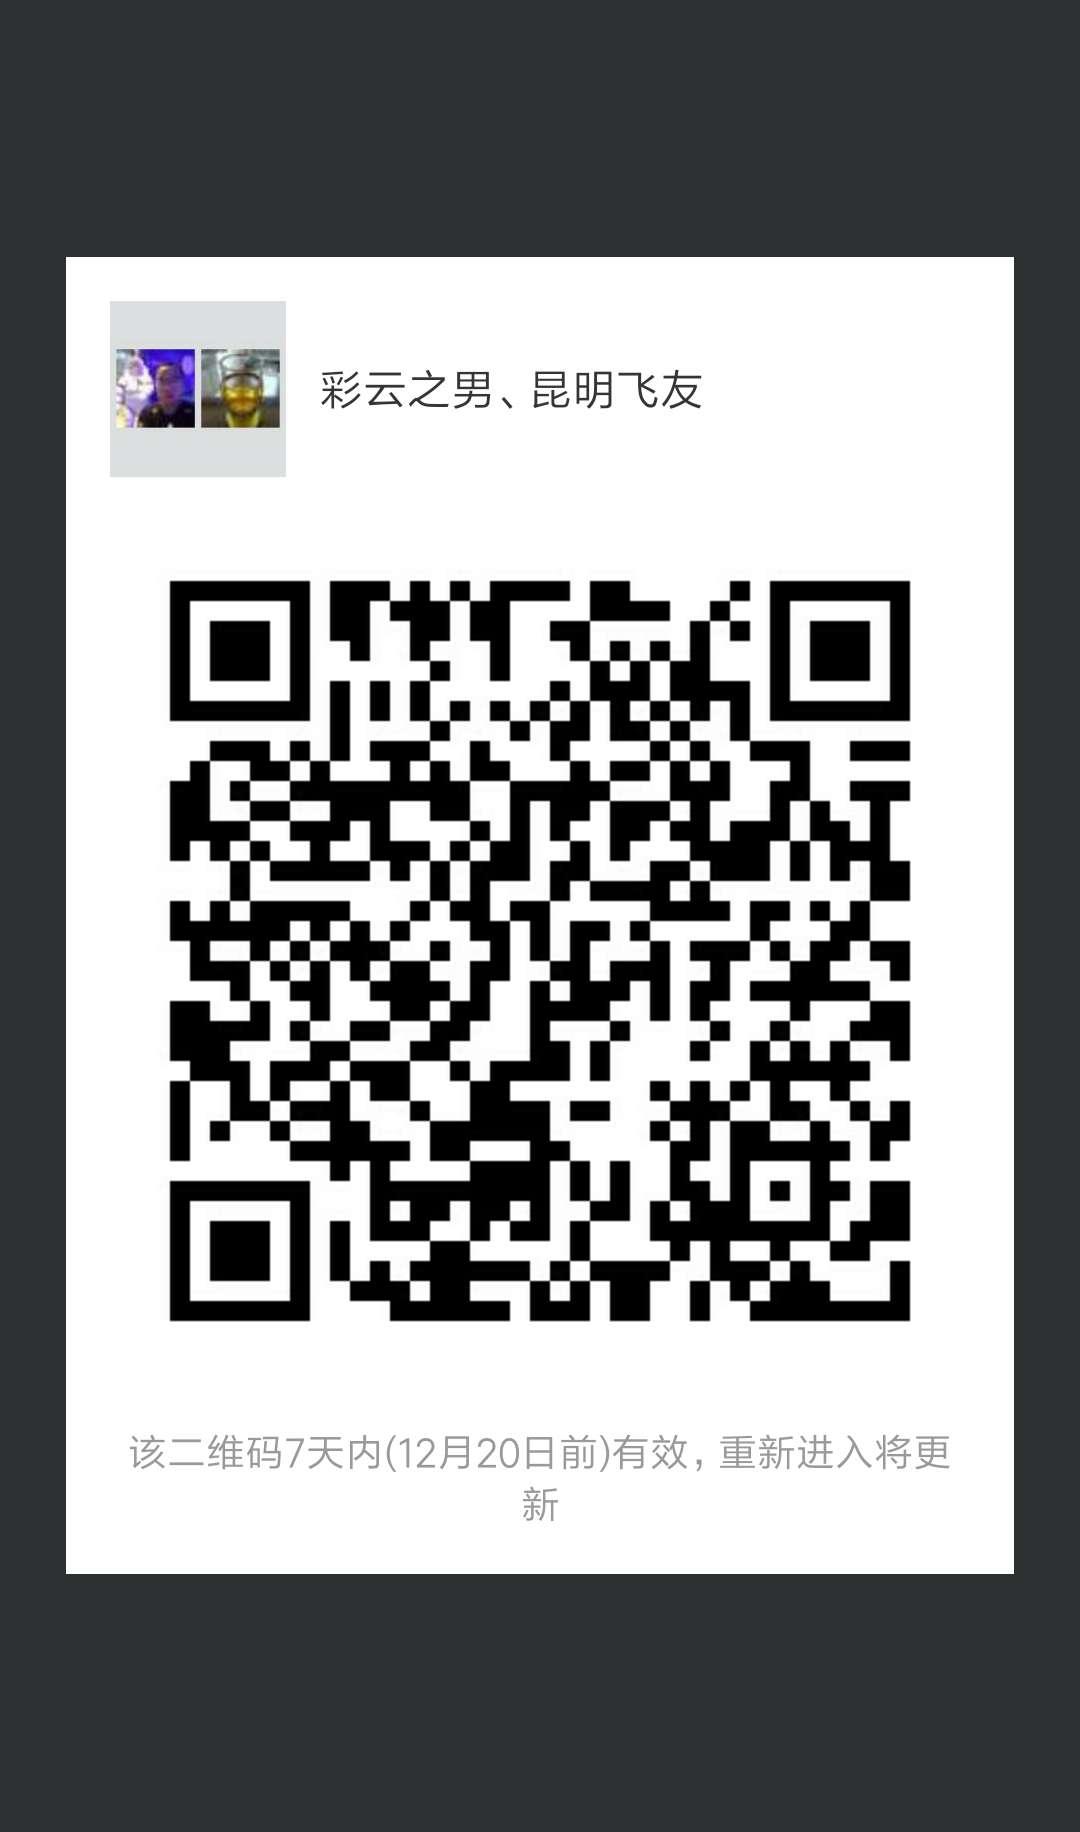 微信图片_20181213145459.jpg